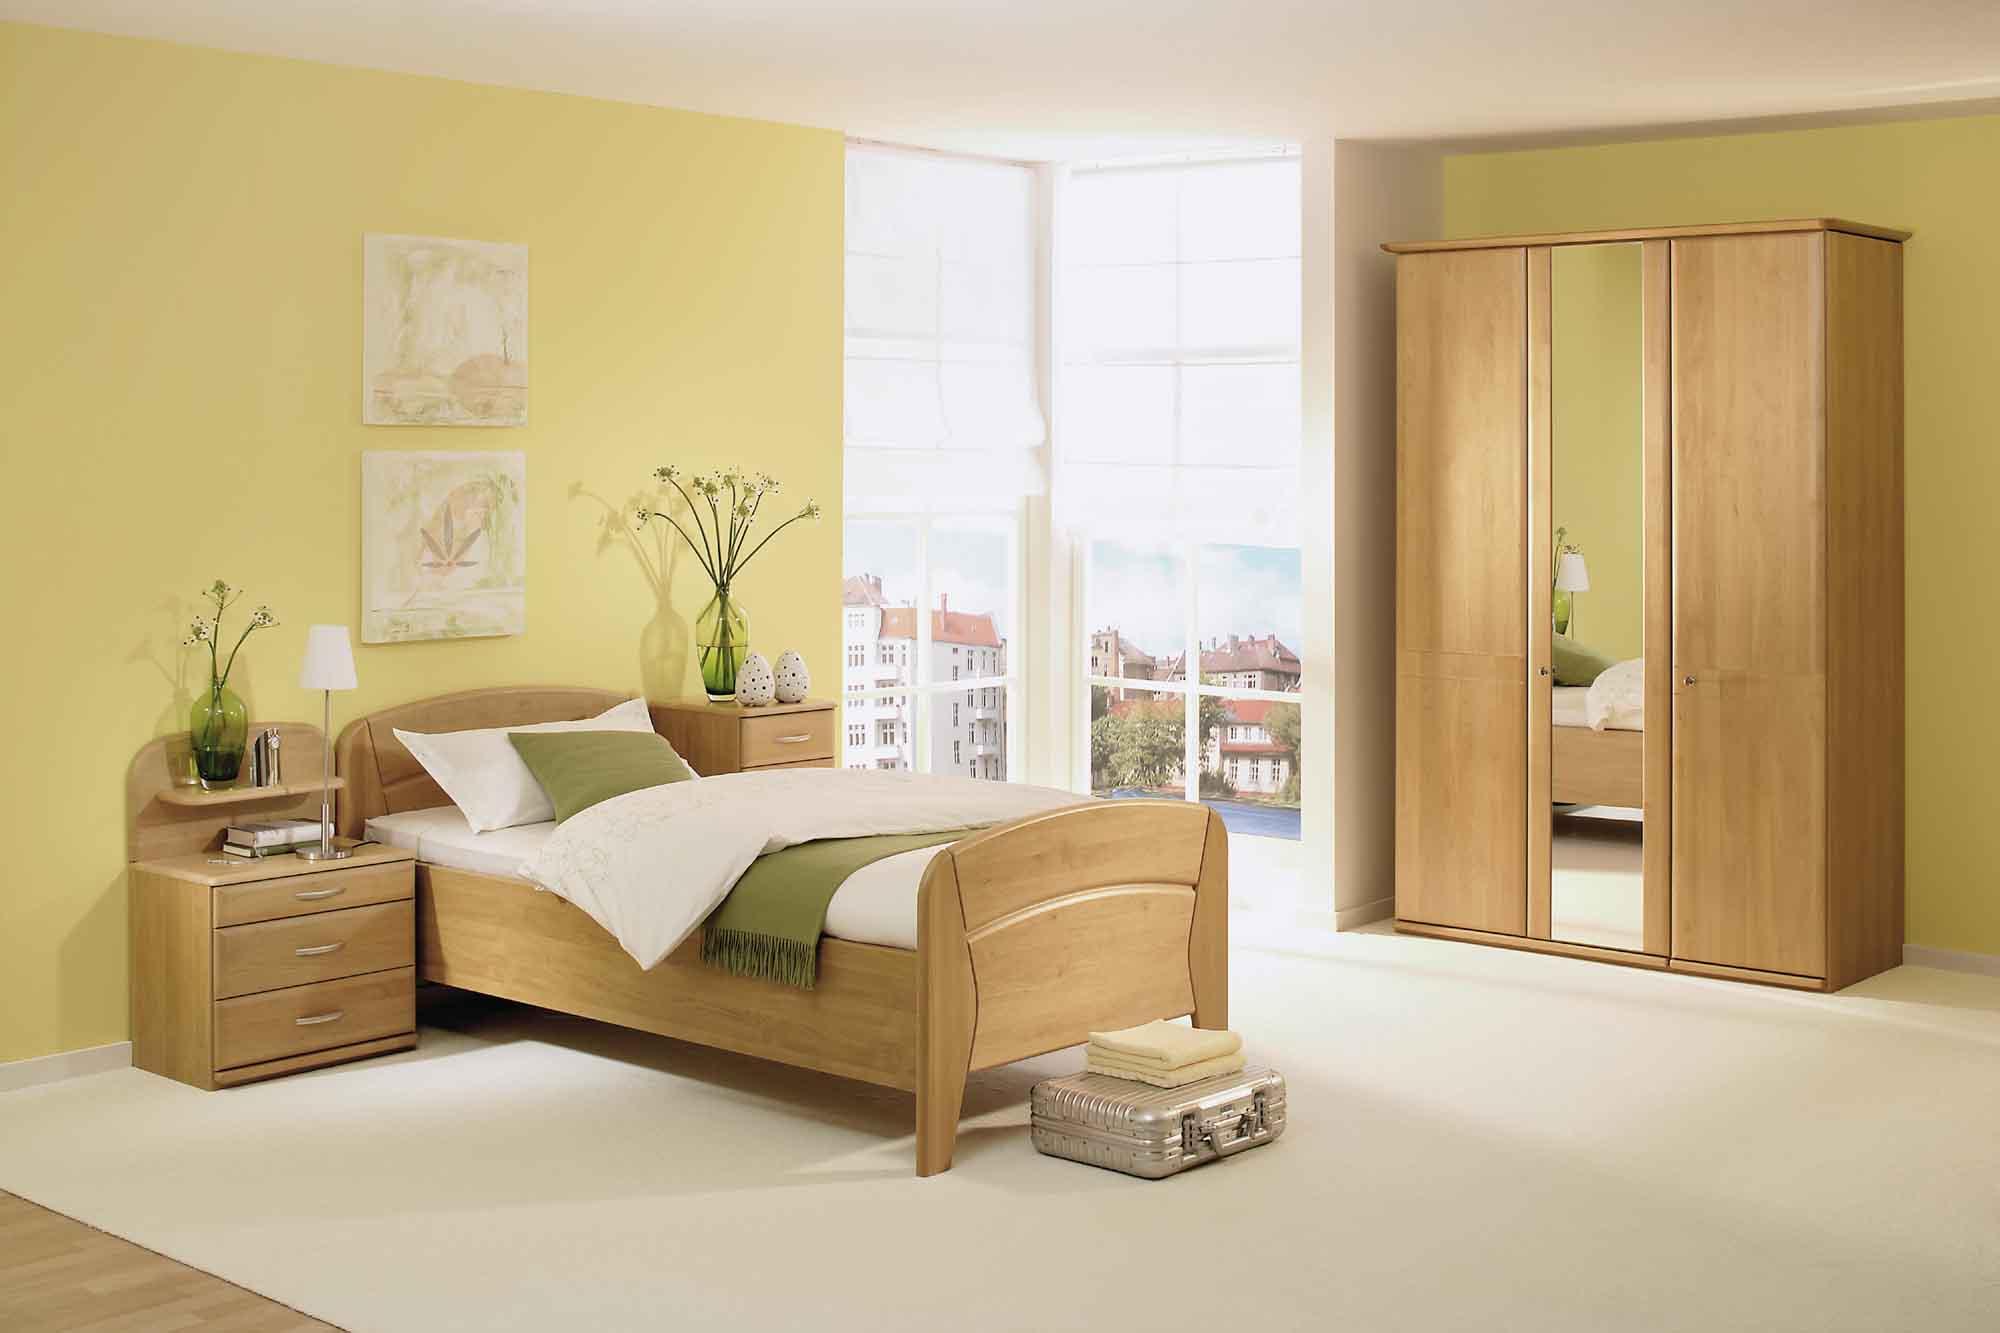 schlafzimmer amsterdam steffen online kaufen massiva m. Black Bedroom Furniture Sets. Home Design Ideas